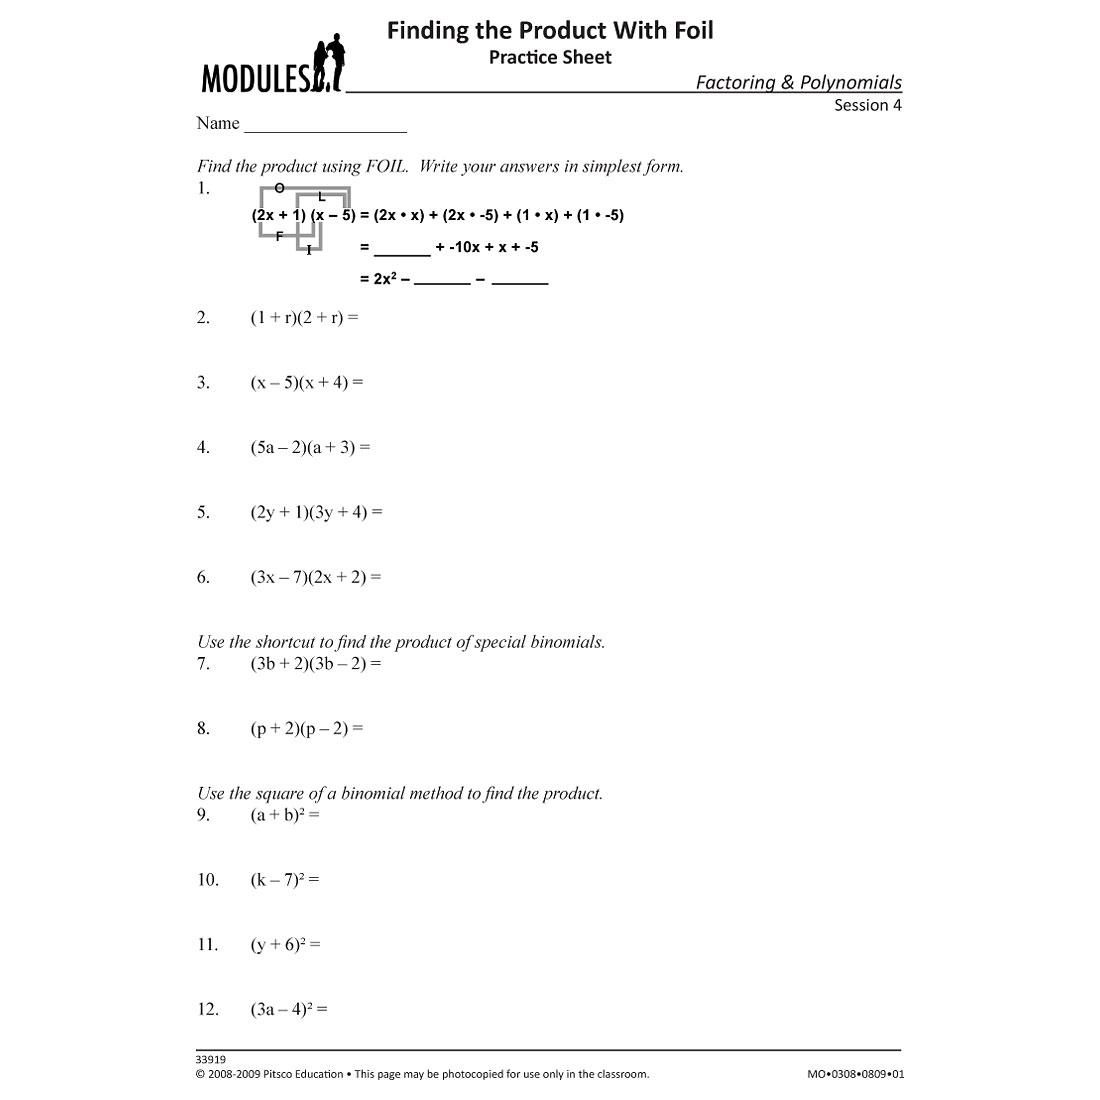 Foil Practice Worksheets